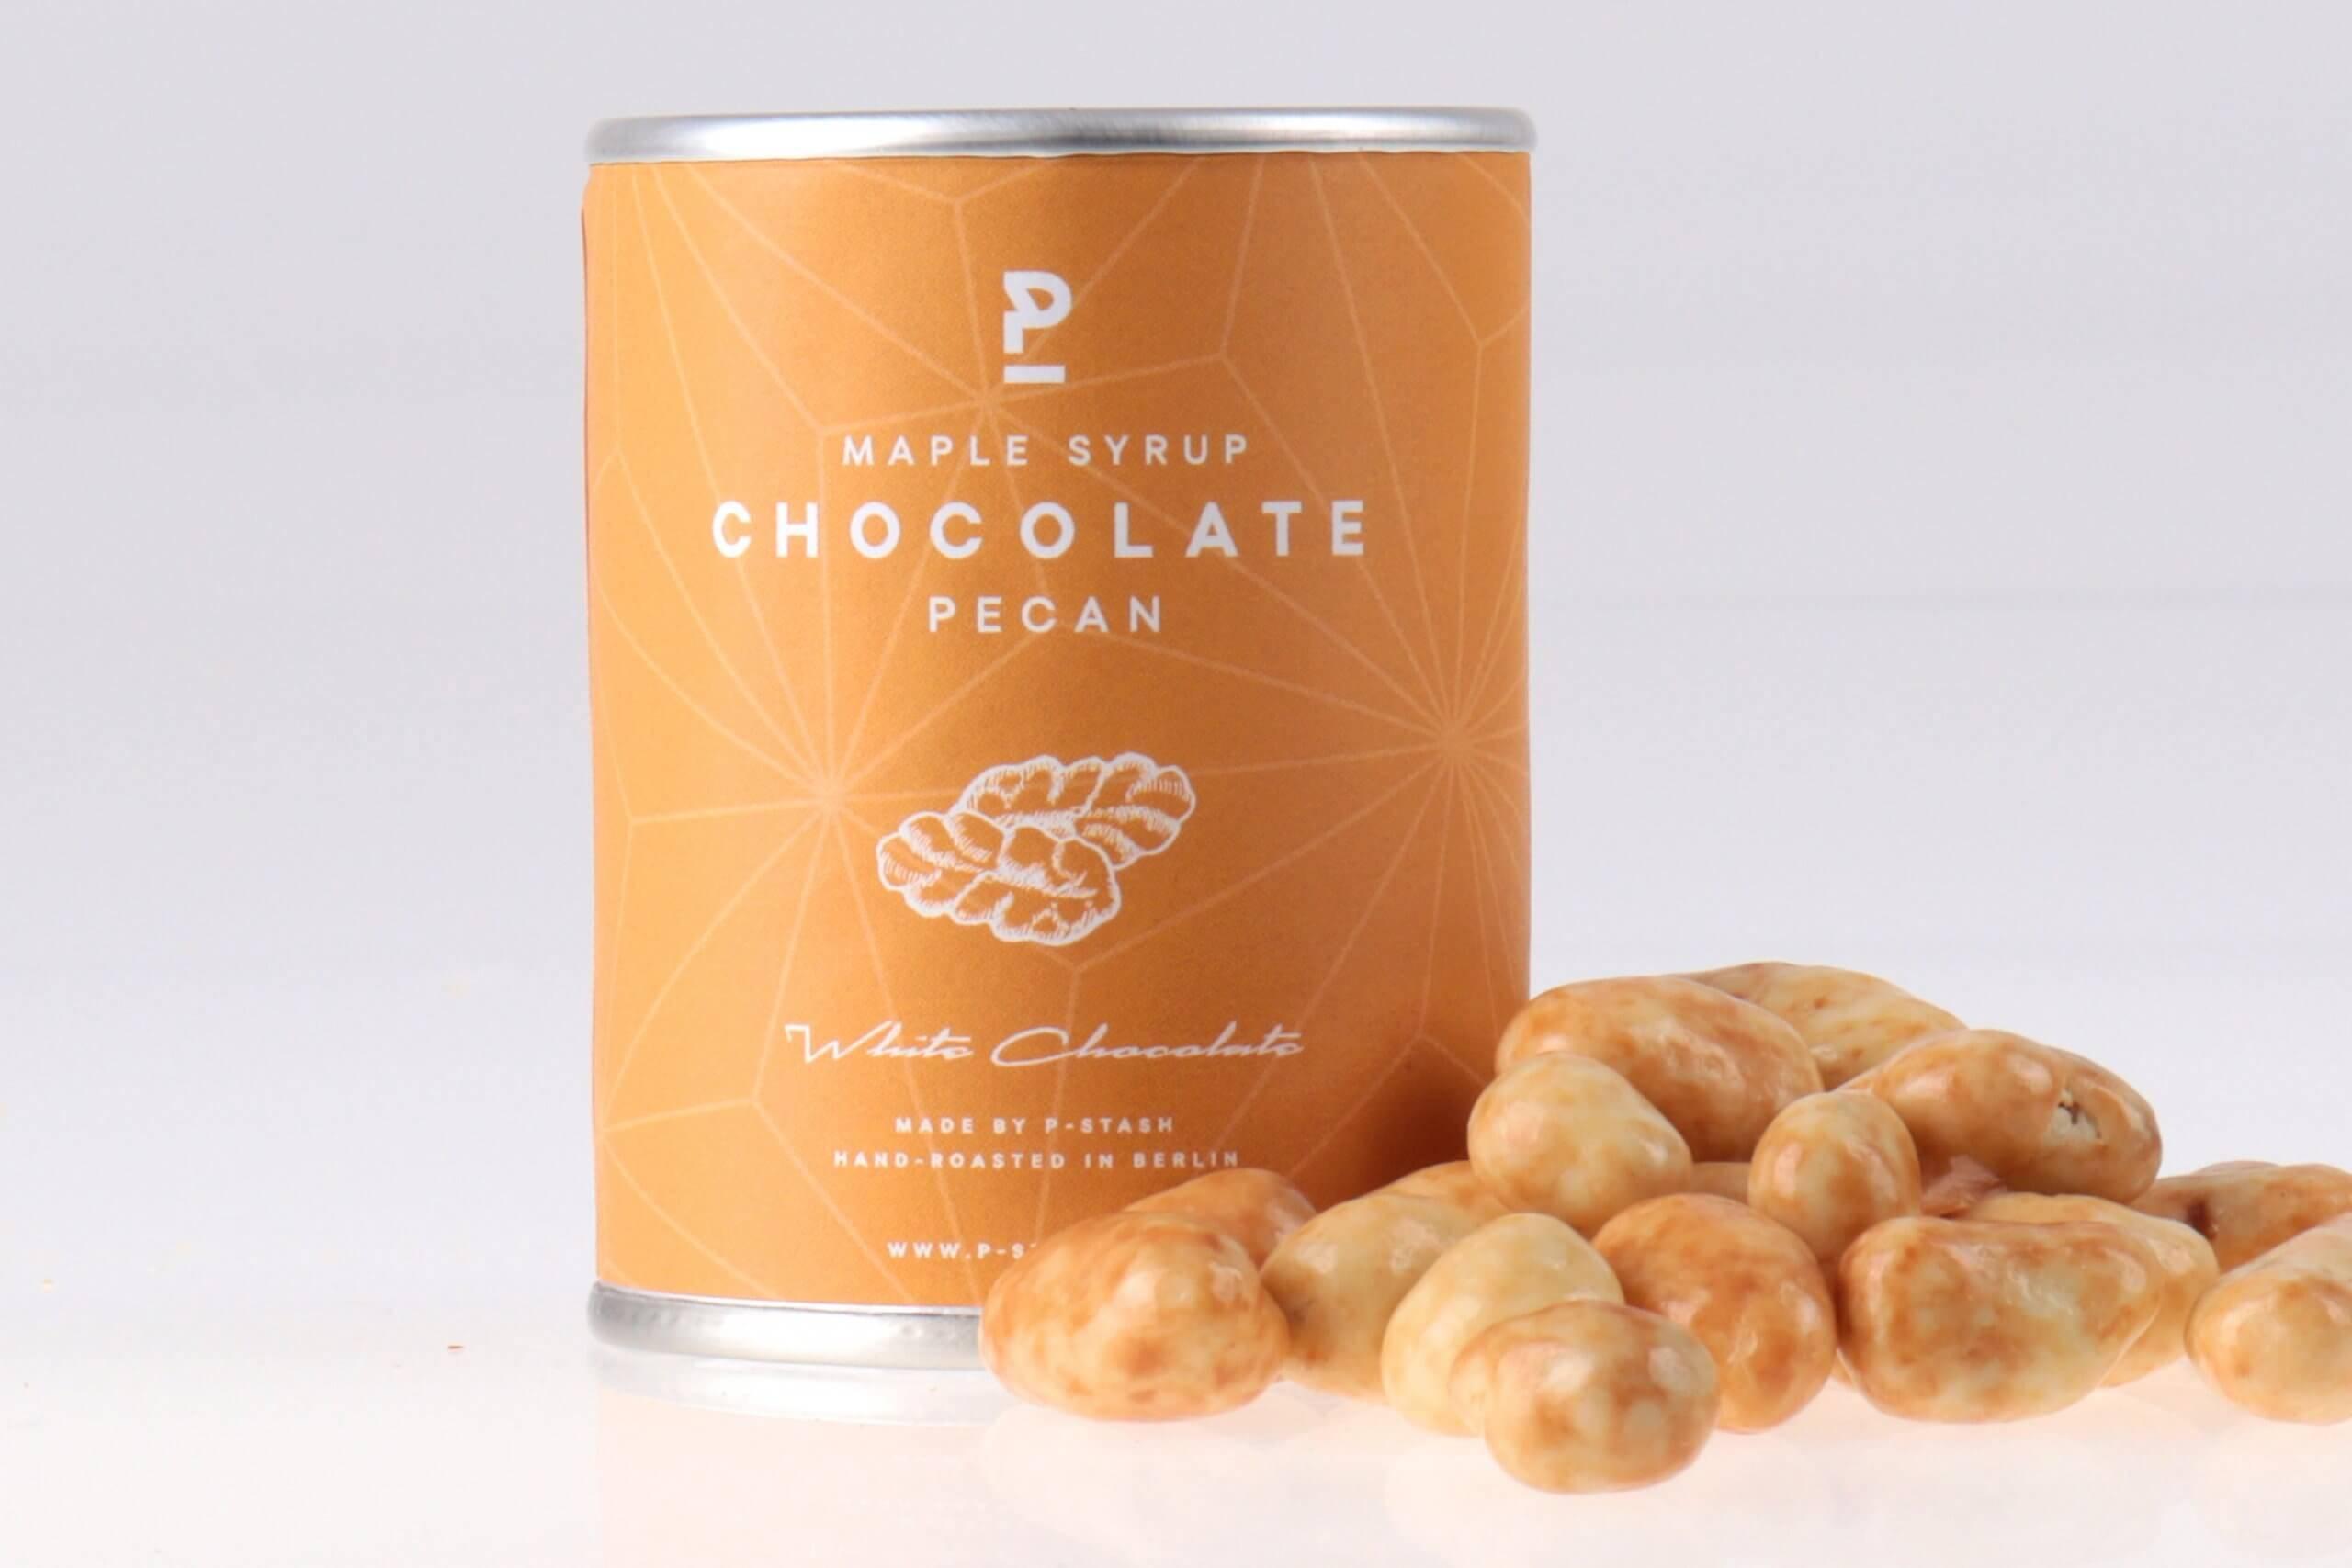 Pekannuss Schokolade und Ahornsirup von feinjemacht online kaufen